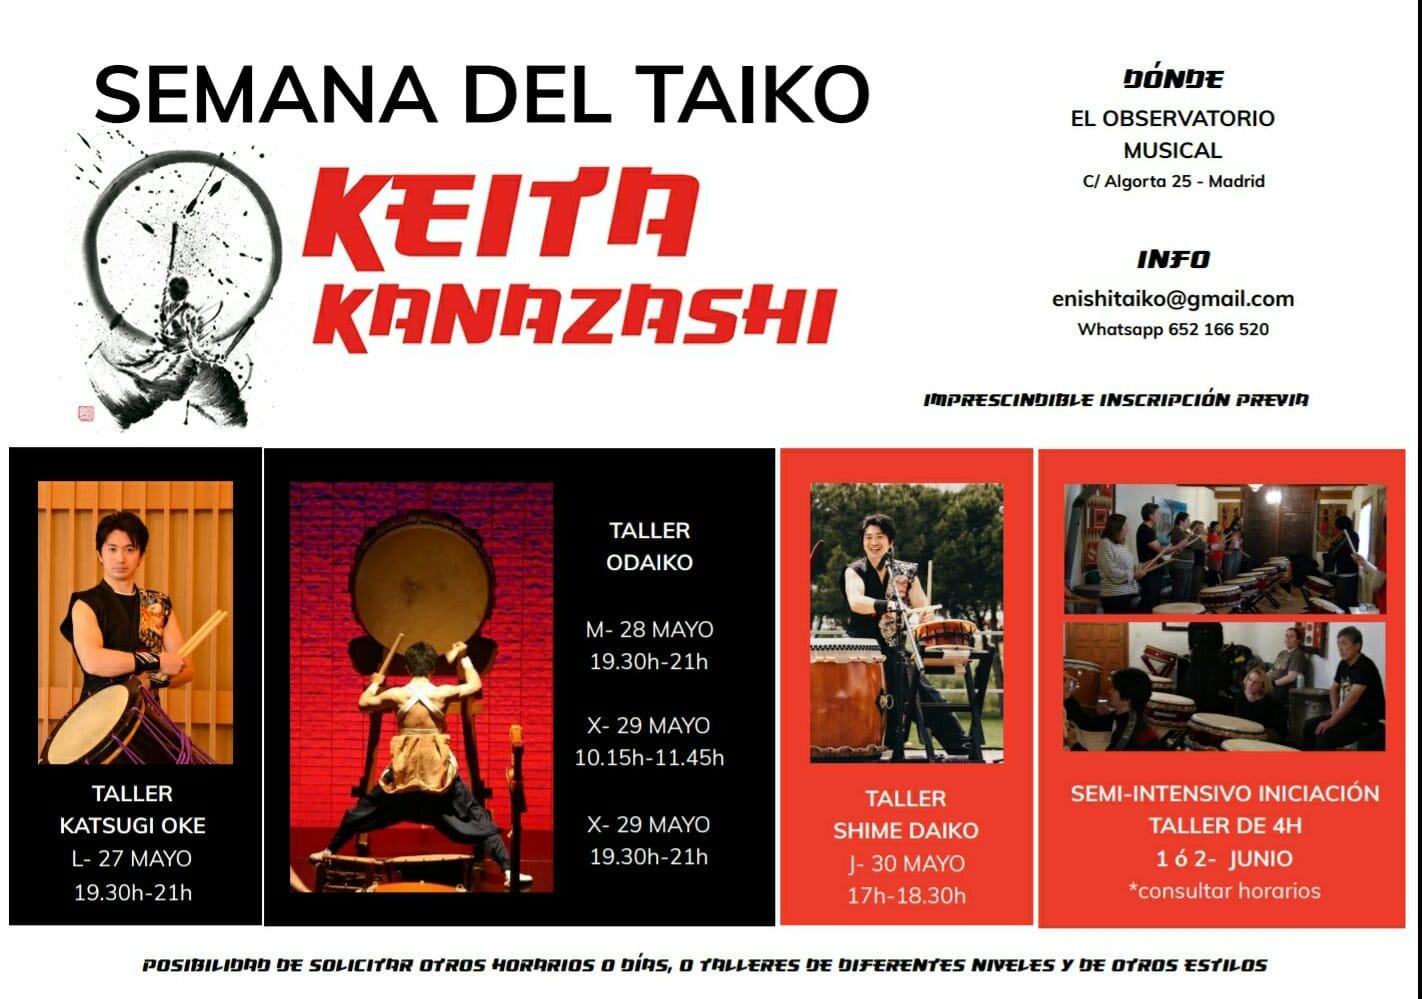 Taller De Taiko En Madrid, Con Keita Kanazashi